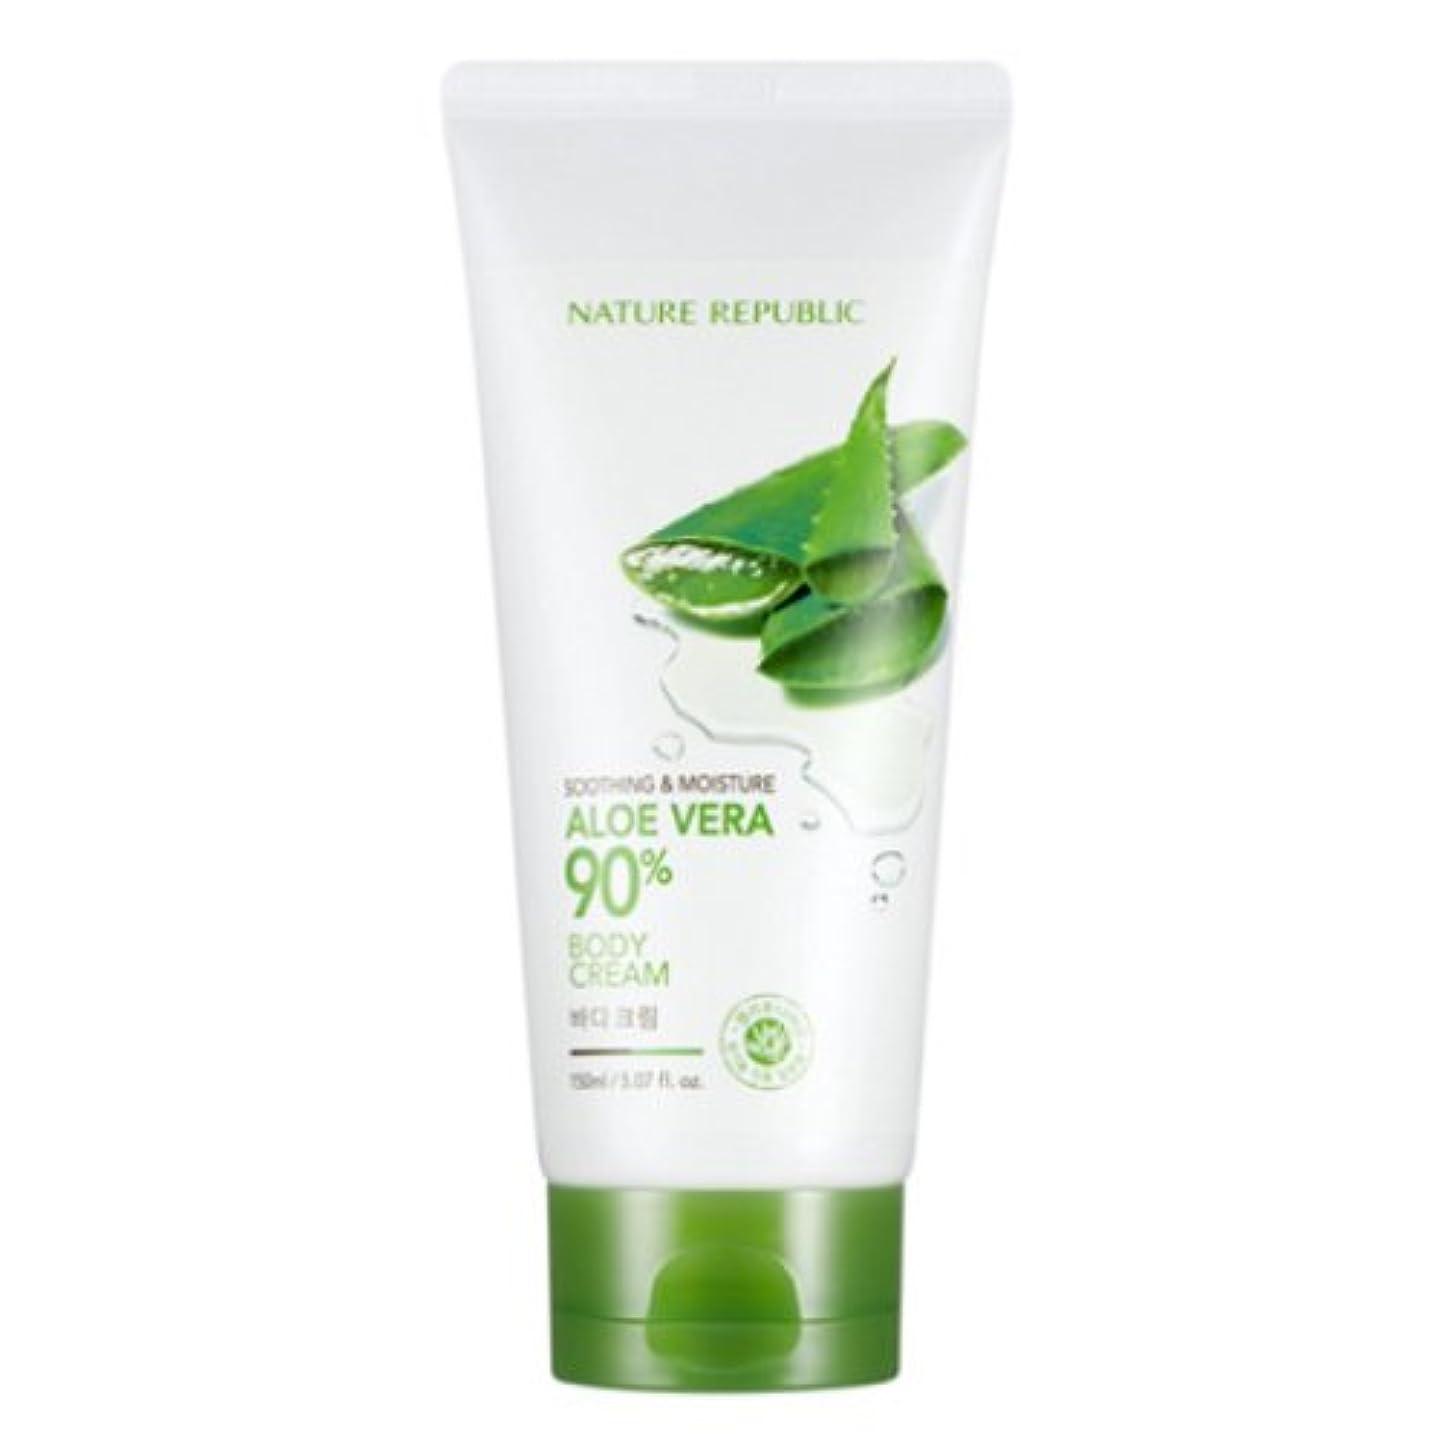 しっかりウェーハポインタ[ネイチャーリパブリック] Nature republicスージングアンドモイスチャーアロエベラ90%ボディクリーム海外直送品(Soothing And Moisture Aloe Vera90%Body Cream)...